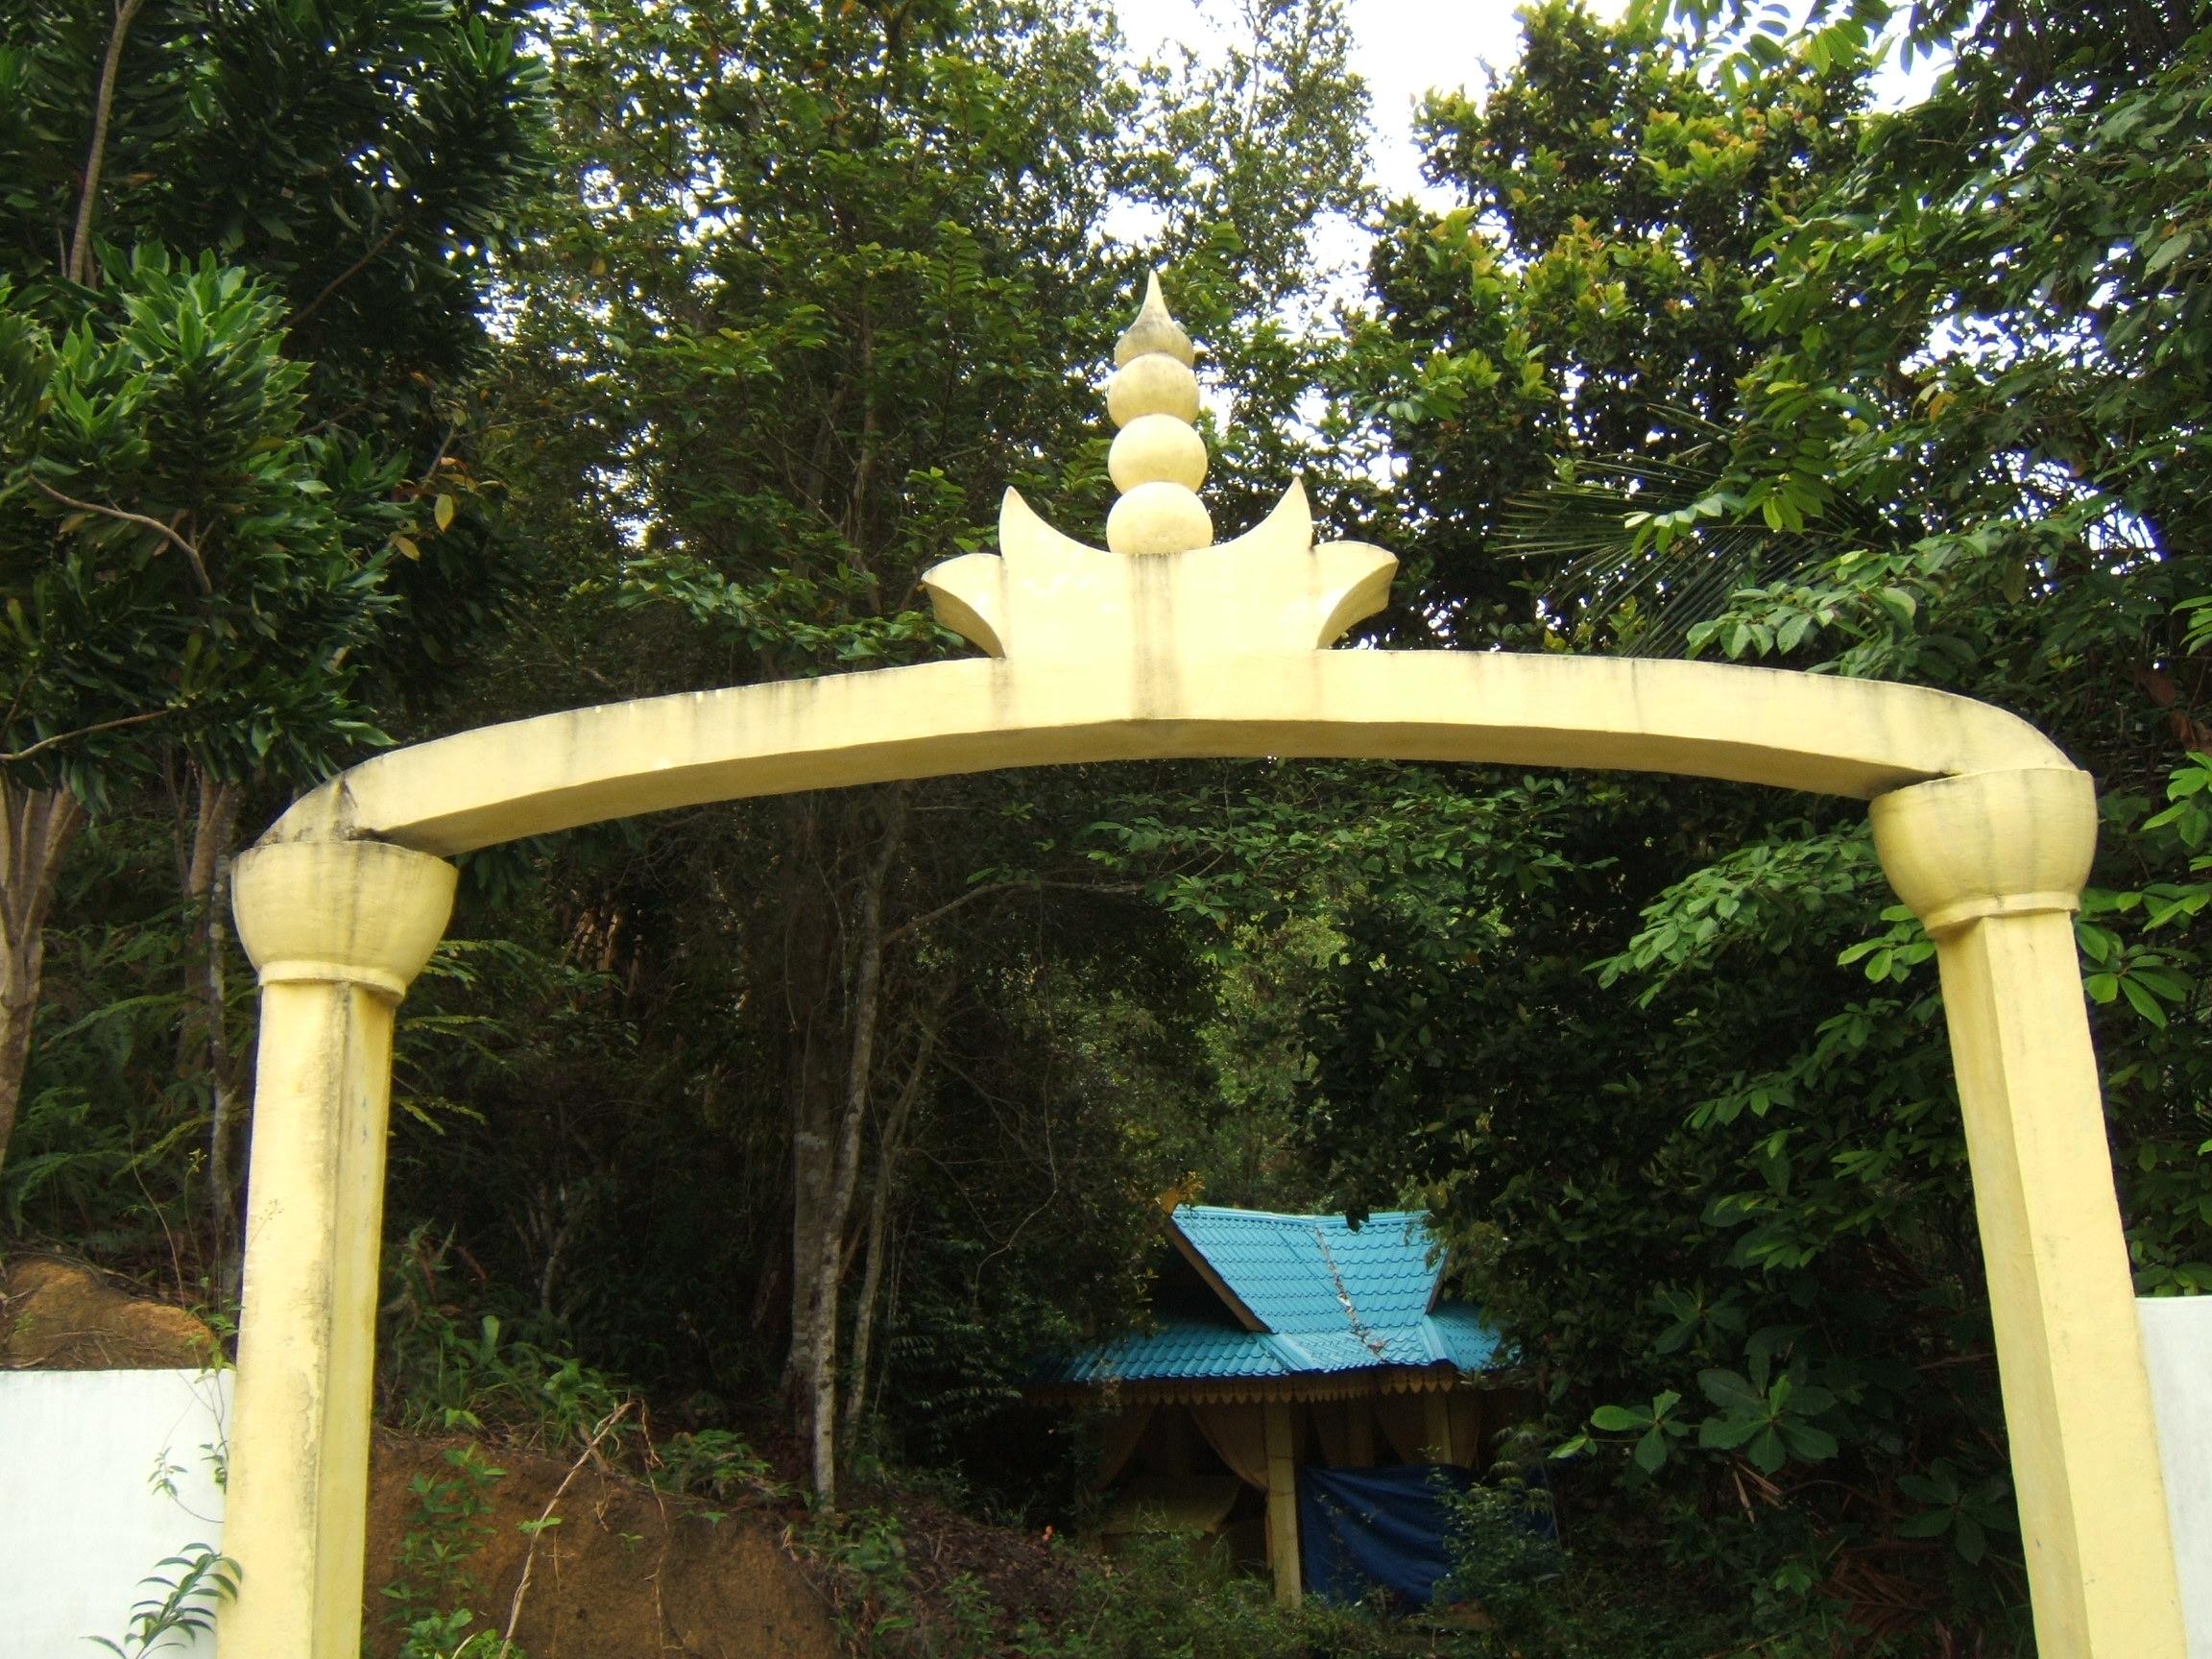 gapura, pintu masuk ke perigi, perigi tertutup dengan selayar warna kuning, ada bangunan beratap tilux warna biru sumbangan dari orang Singapura, entah apa maksudnya perigi itu diselayari warna kuning.